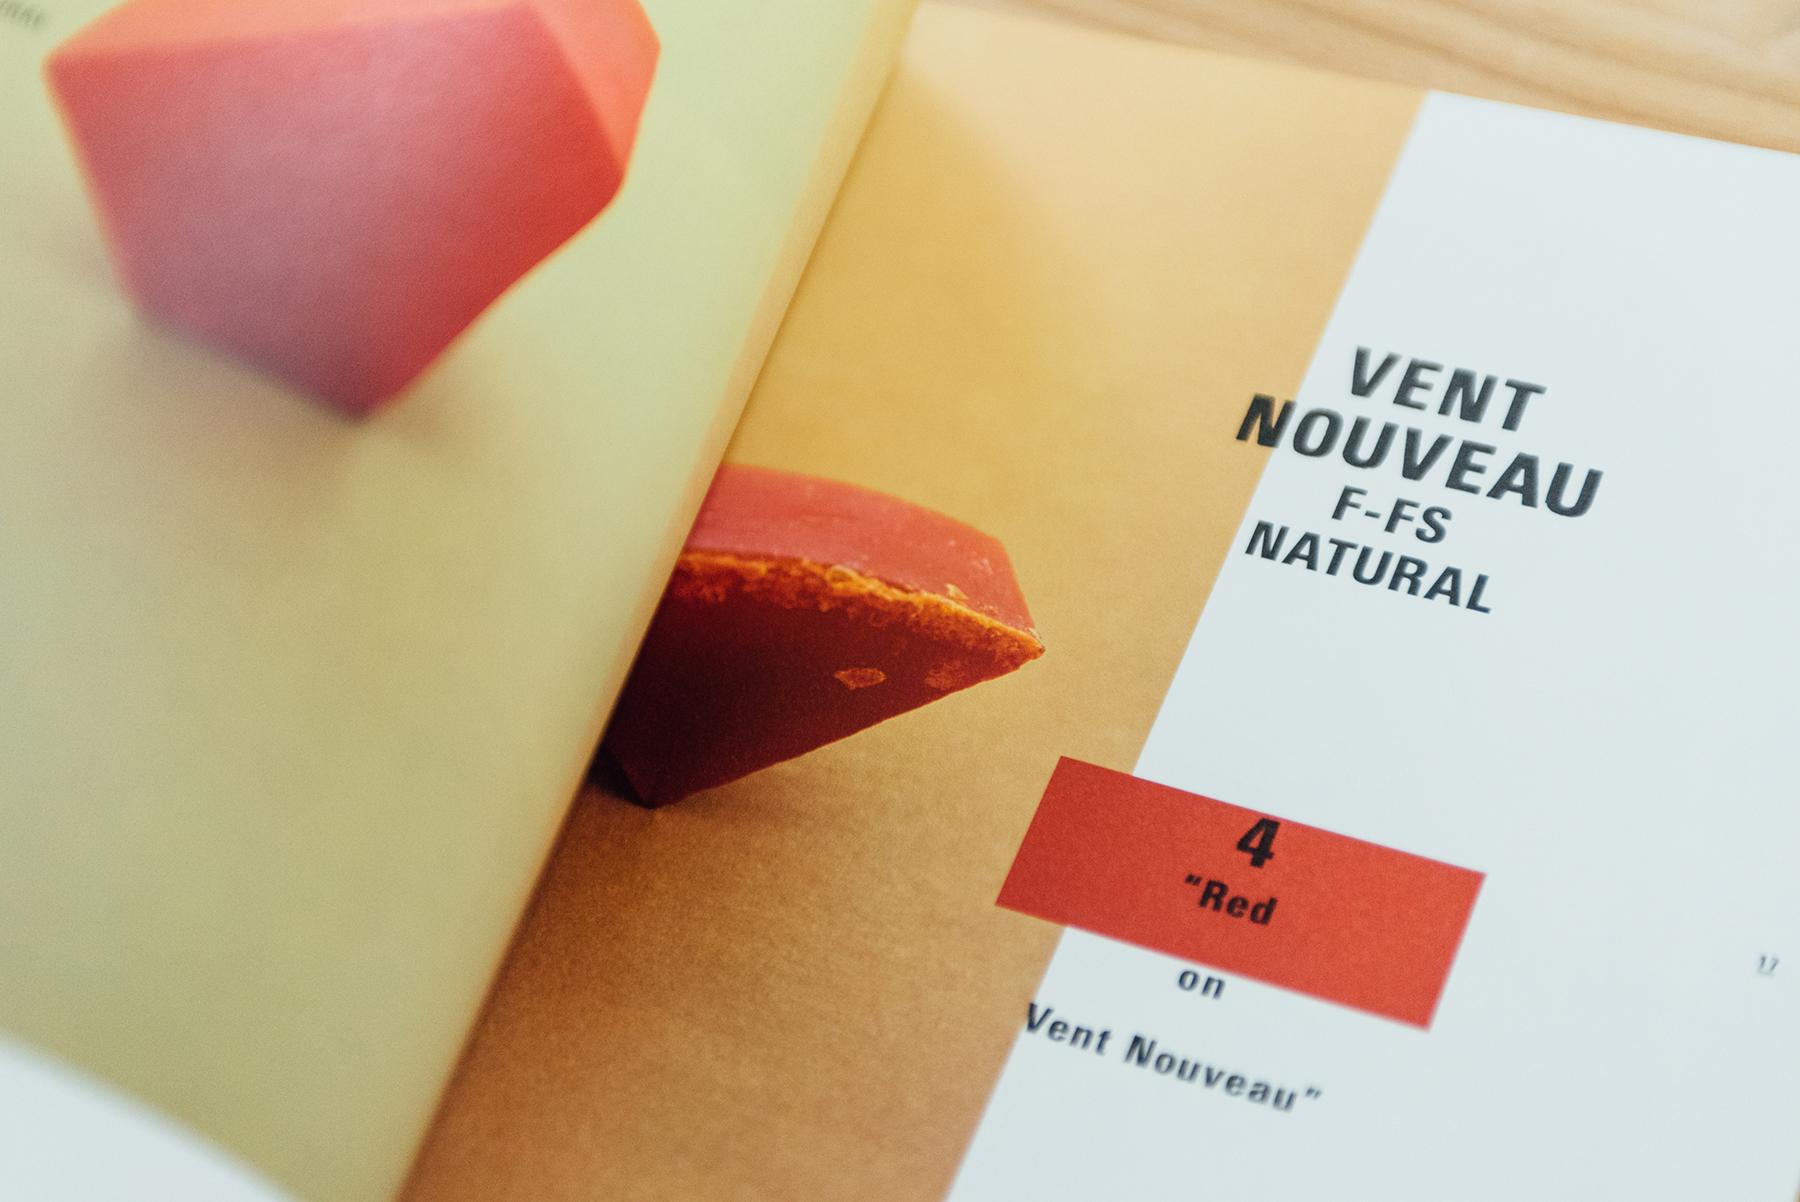 收錄世界各地的肥皂,《Color and Texture on Soap》是竹尾針對新浪潮Vent Nouveau這款紙設計的紙樣,利用肥皂既有的紋理和色彩,表現紙張印刷效果。